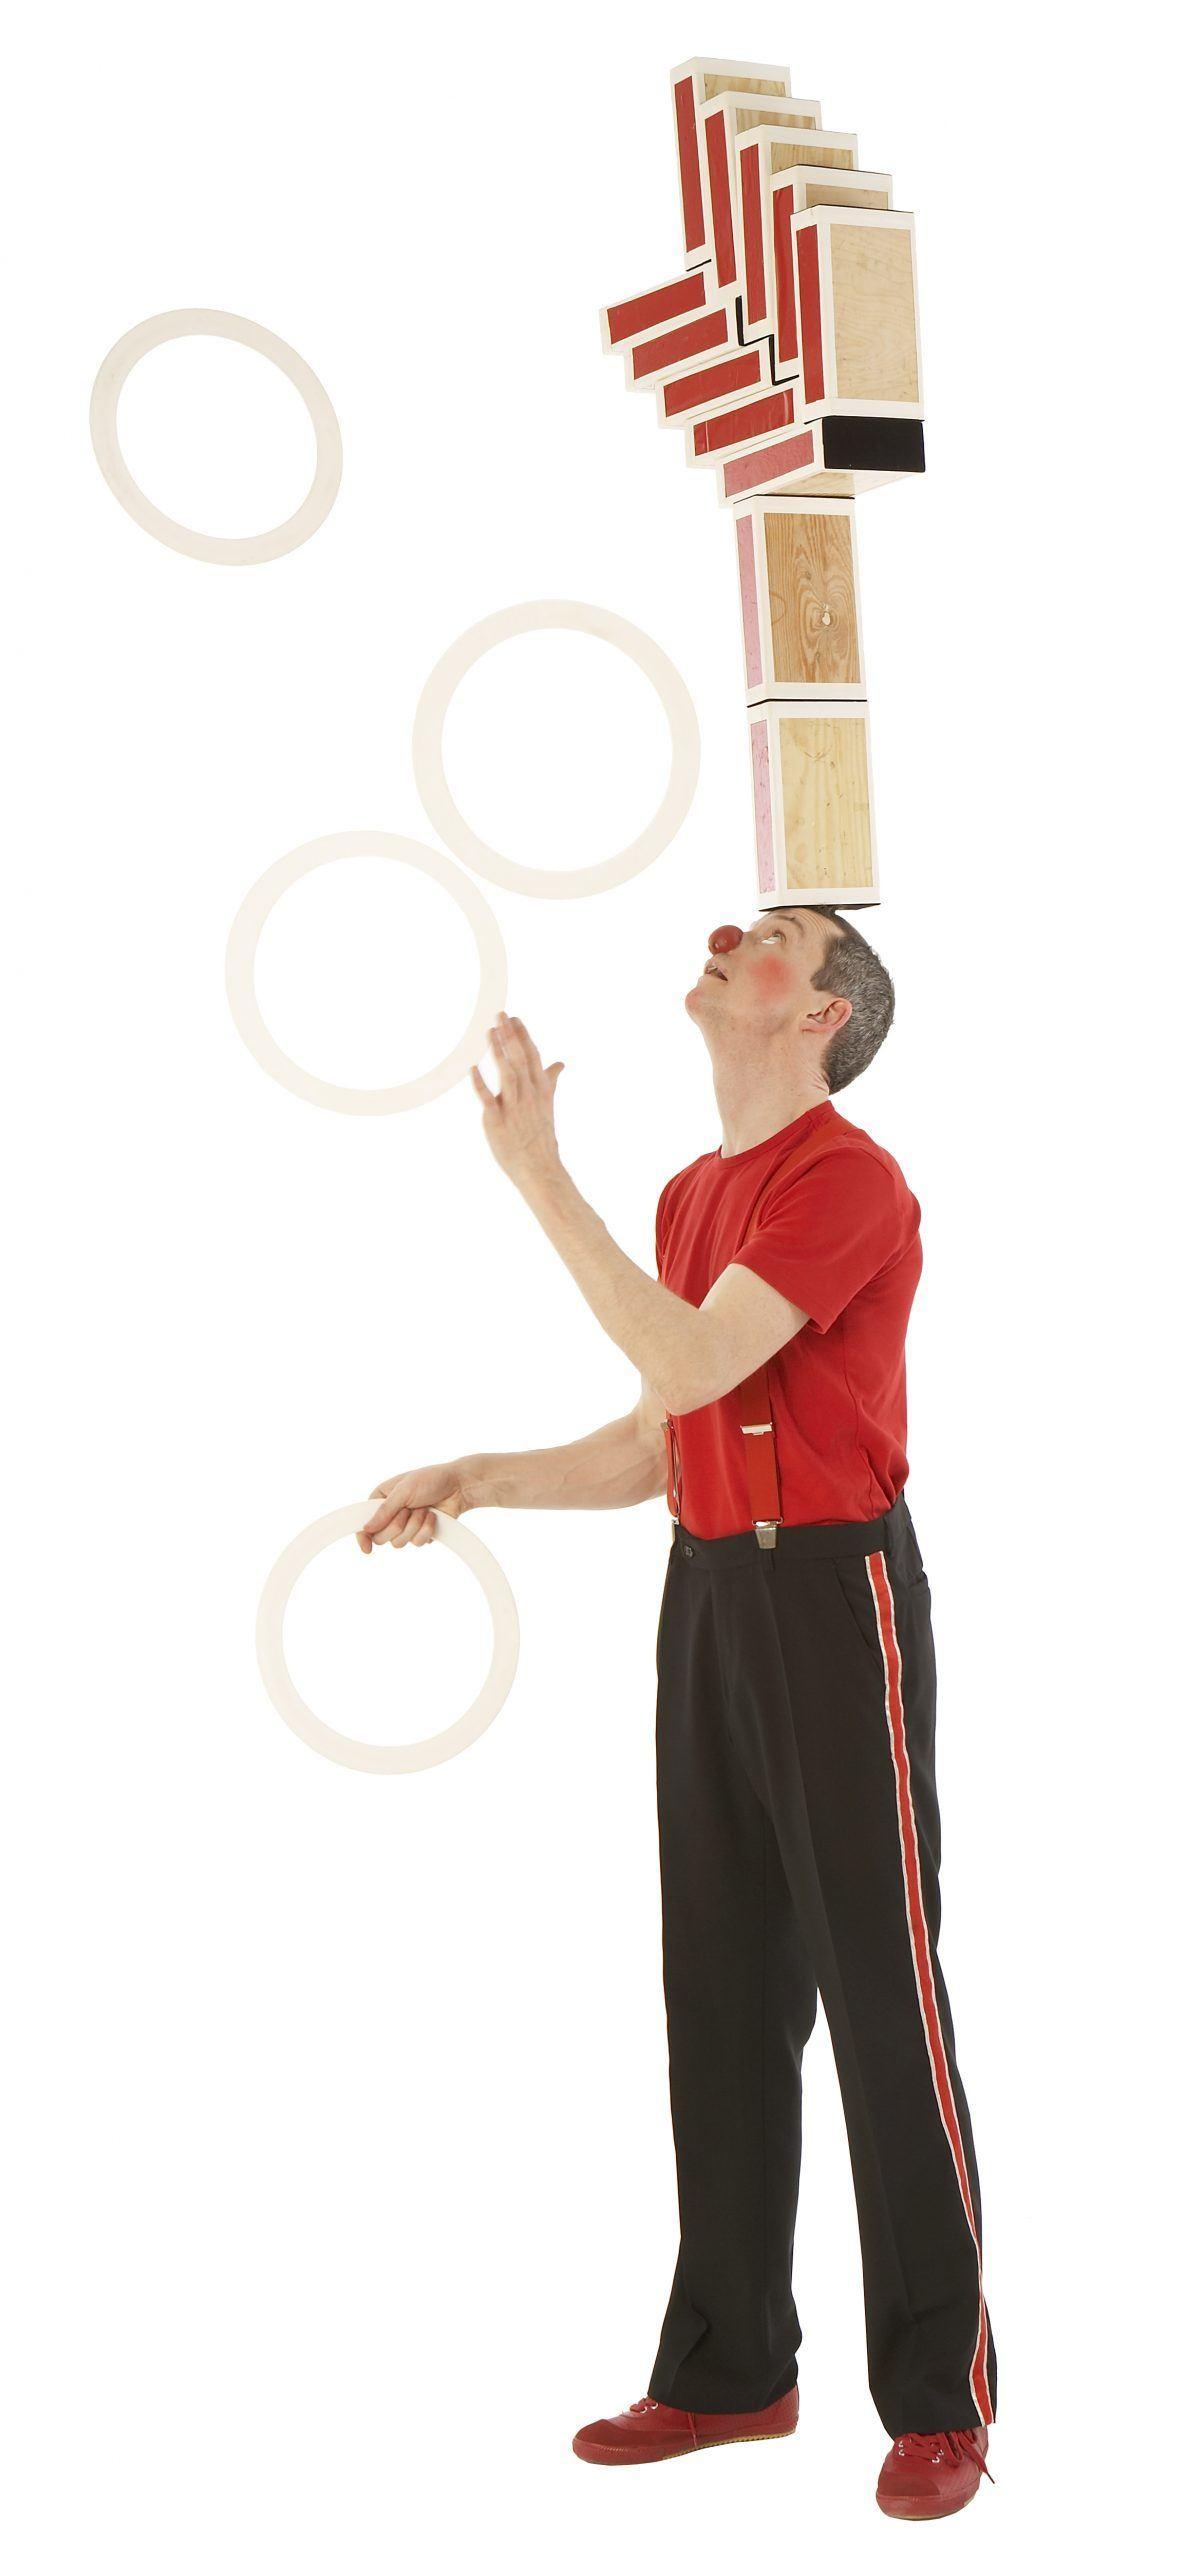 Klovnen Tapé jonglerer med ringe og balancerer 12 cigarkasser på panden samtidigt